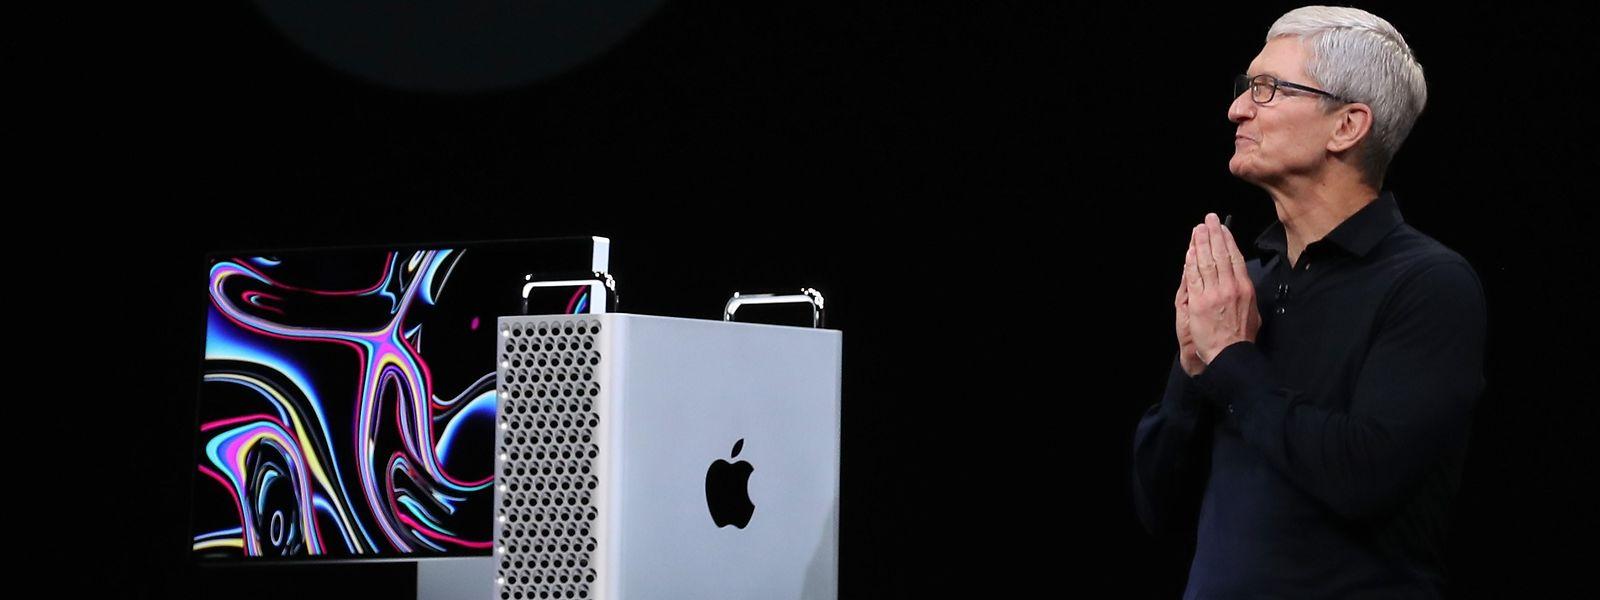 Apple-Chef Tim Cook mit dem neuen Mac Pro.